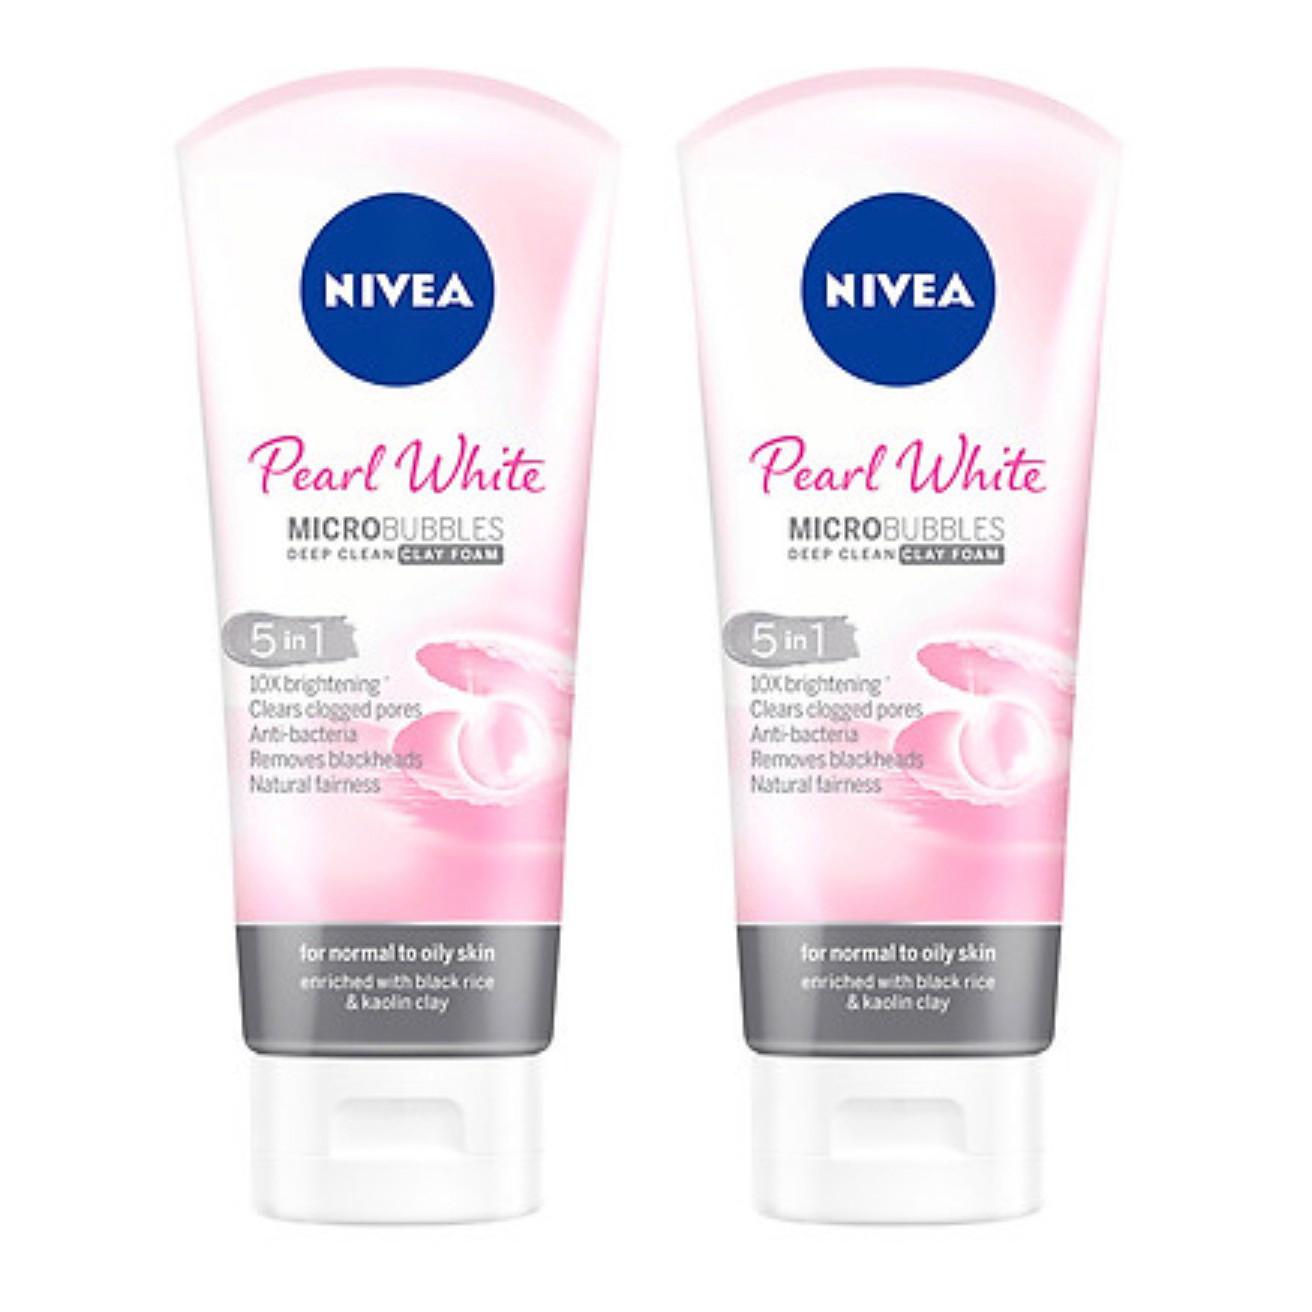 Bộ 2 Sữa rửa mặt NIVEA Pearl White Đất Sét giúp trắng da ngọc trai (100g*2)